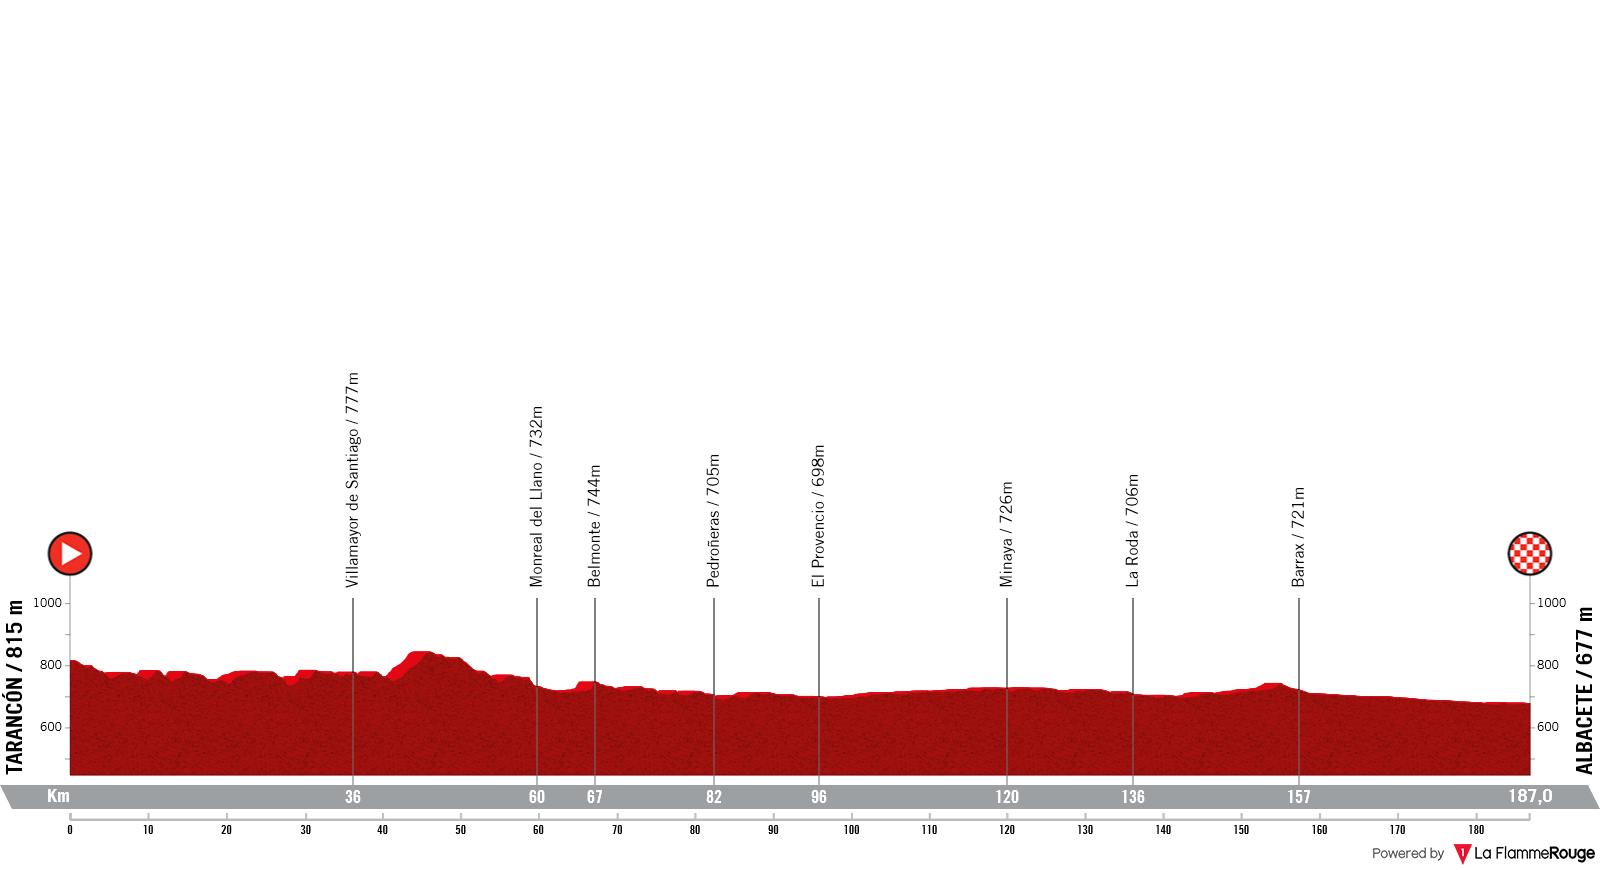 Etapa 5 - Vuelta España 2021 - Tarancón Albacete